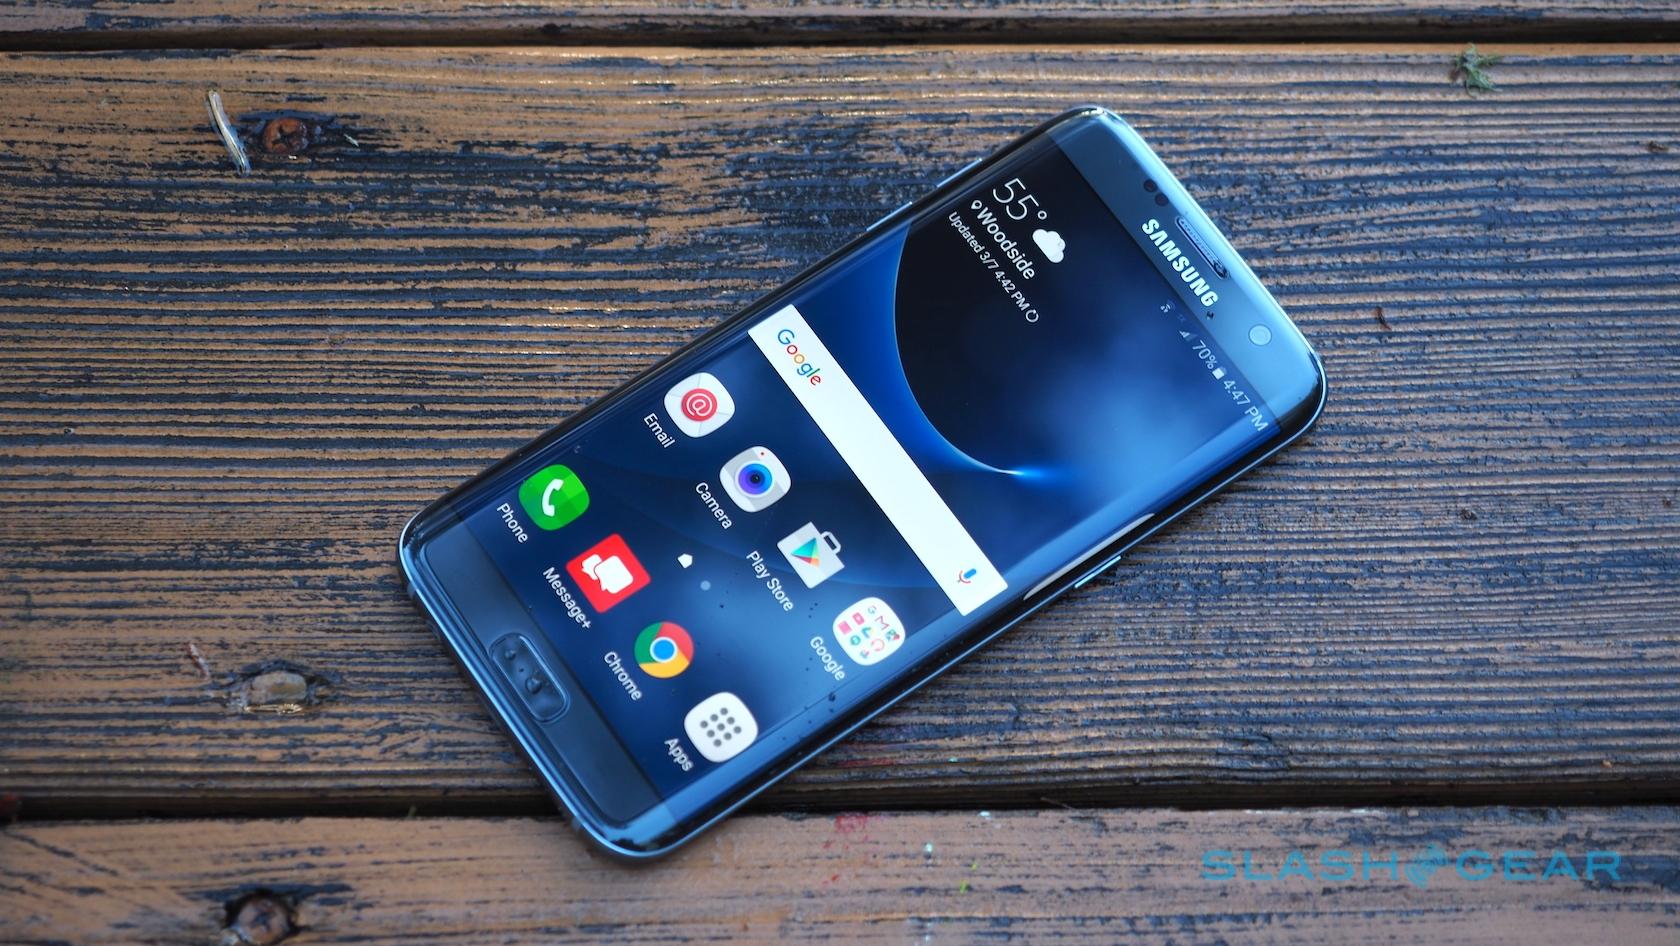 Samsung Galaxy S7 Edge - Giá: 620 USD